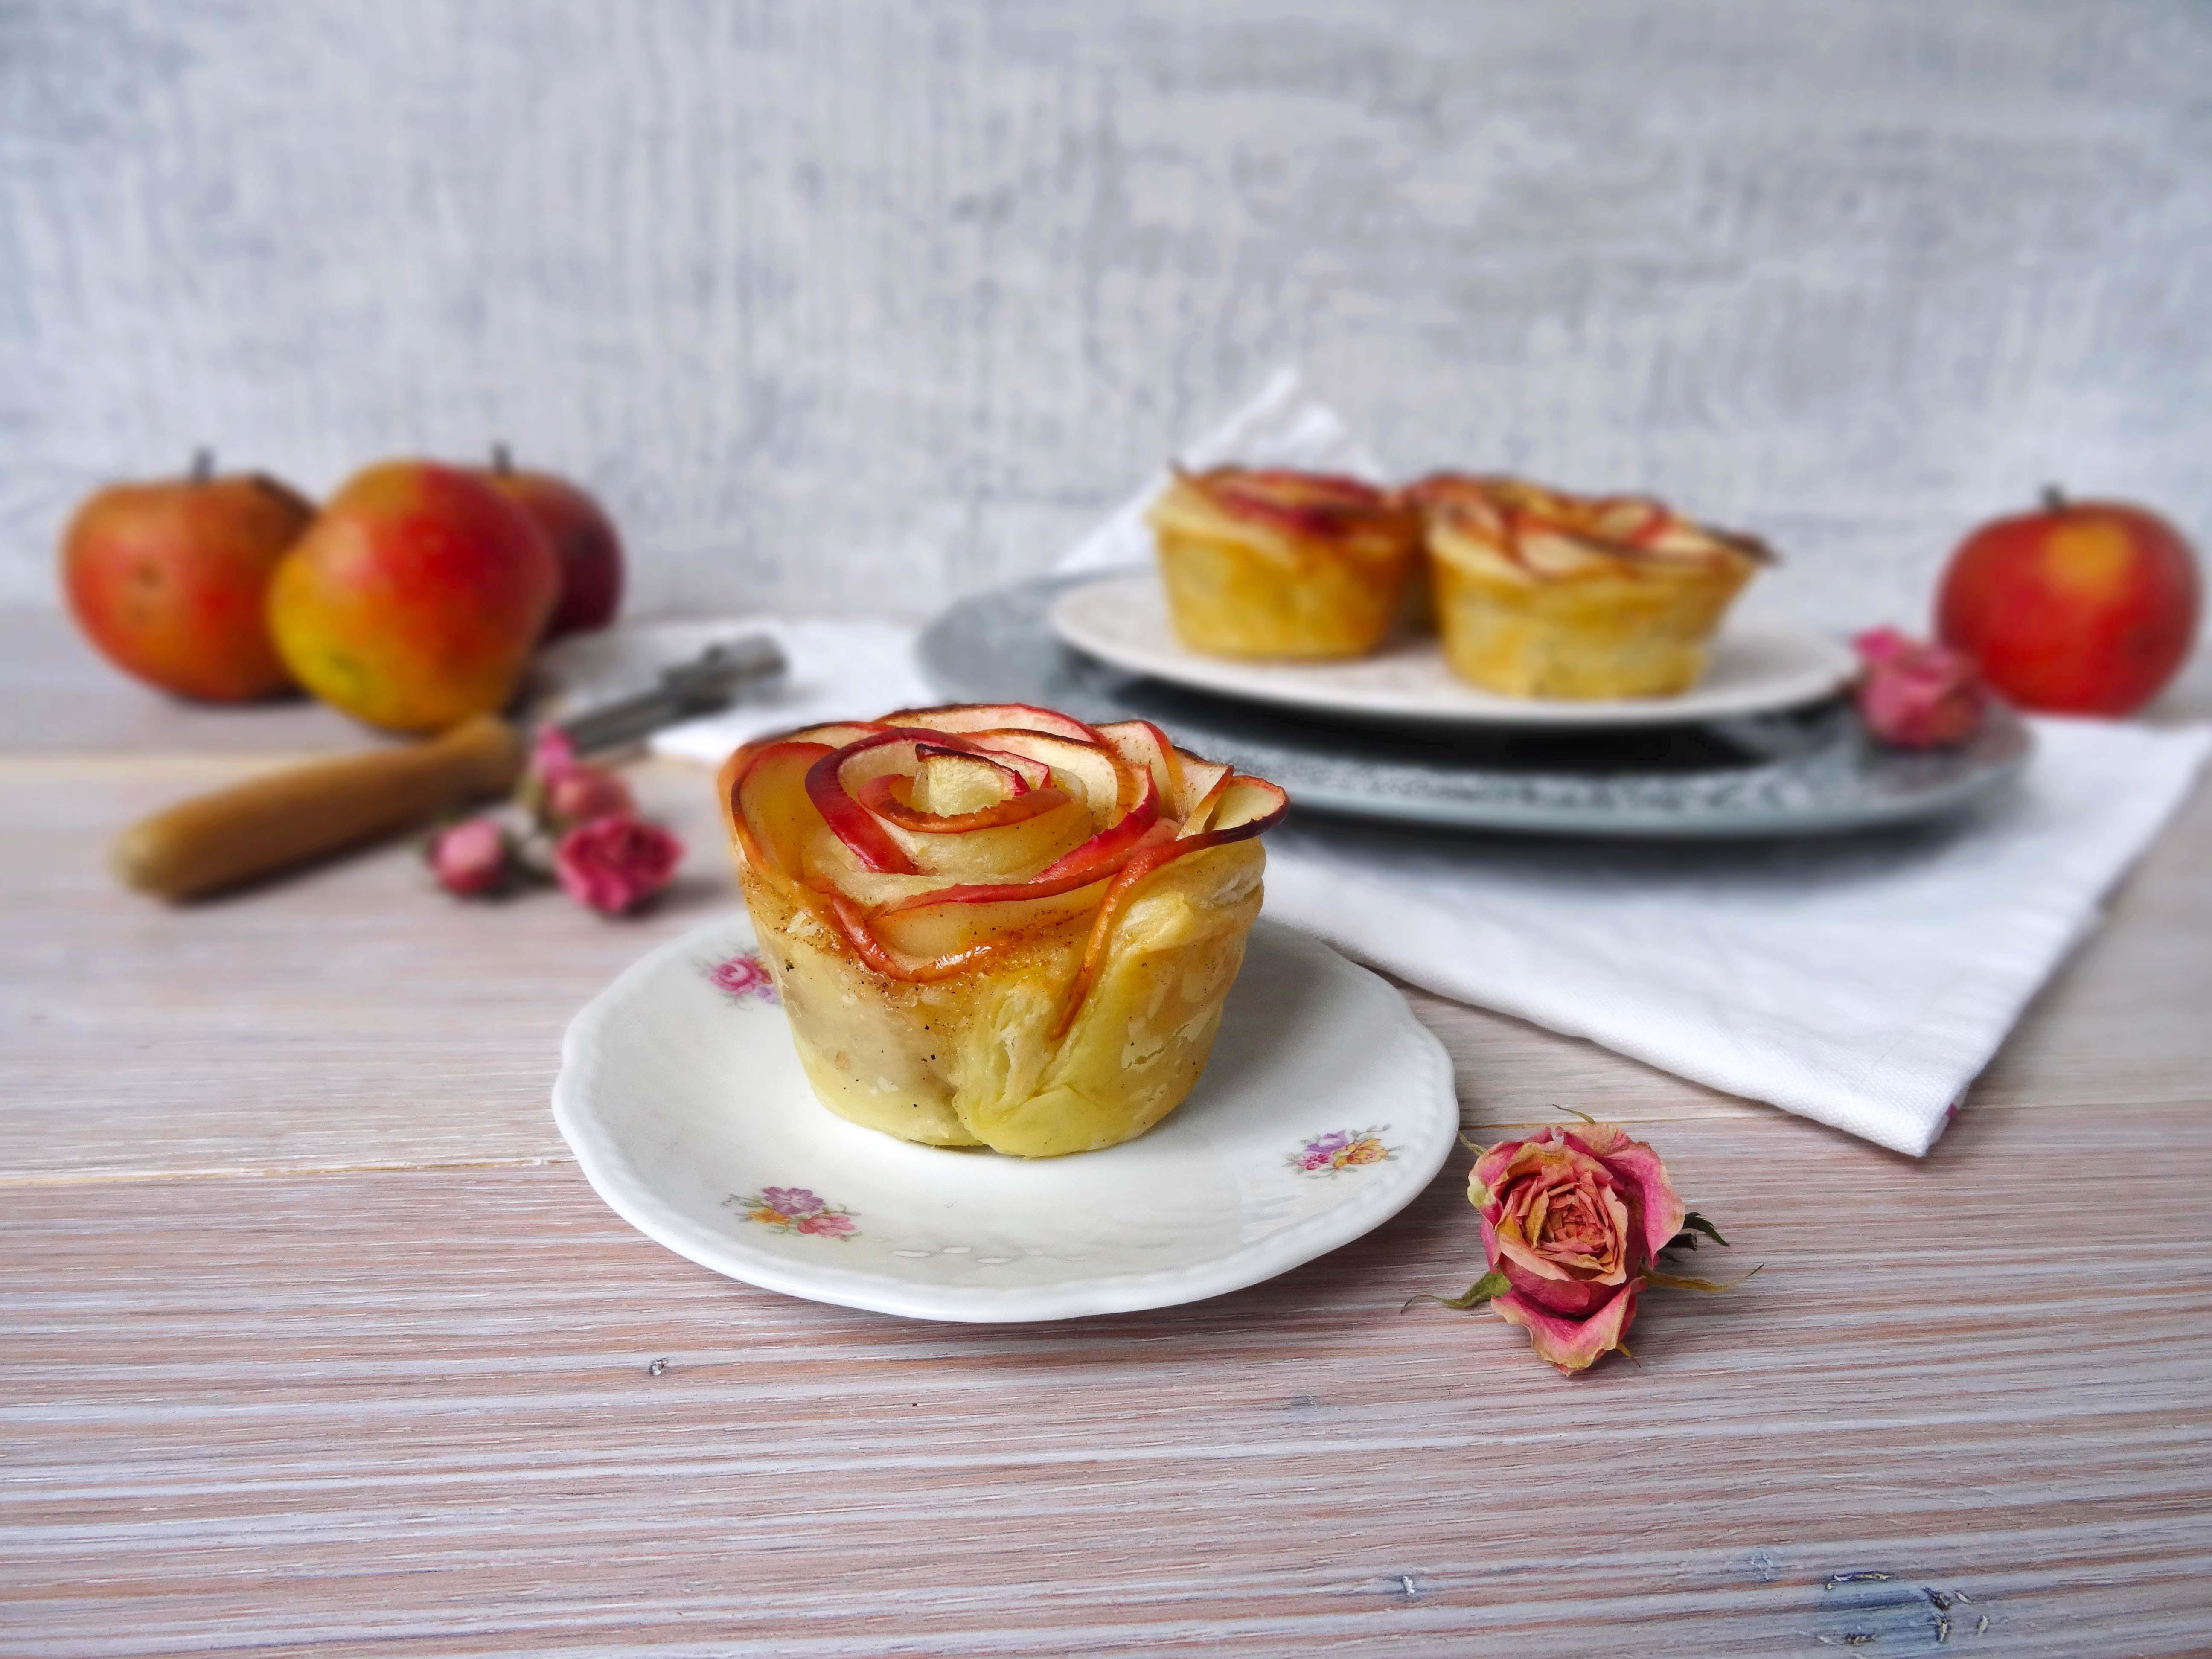 Herbstliche Apfelröschen